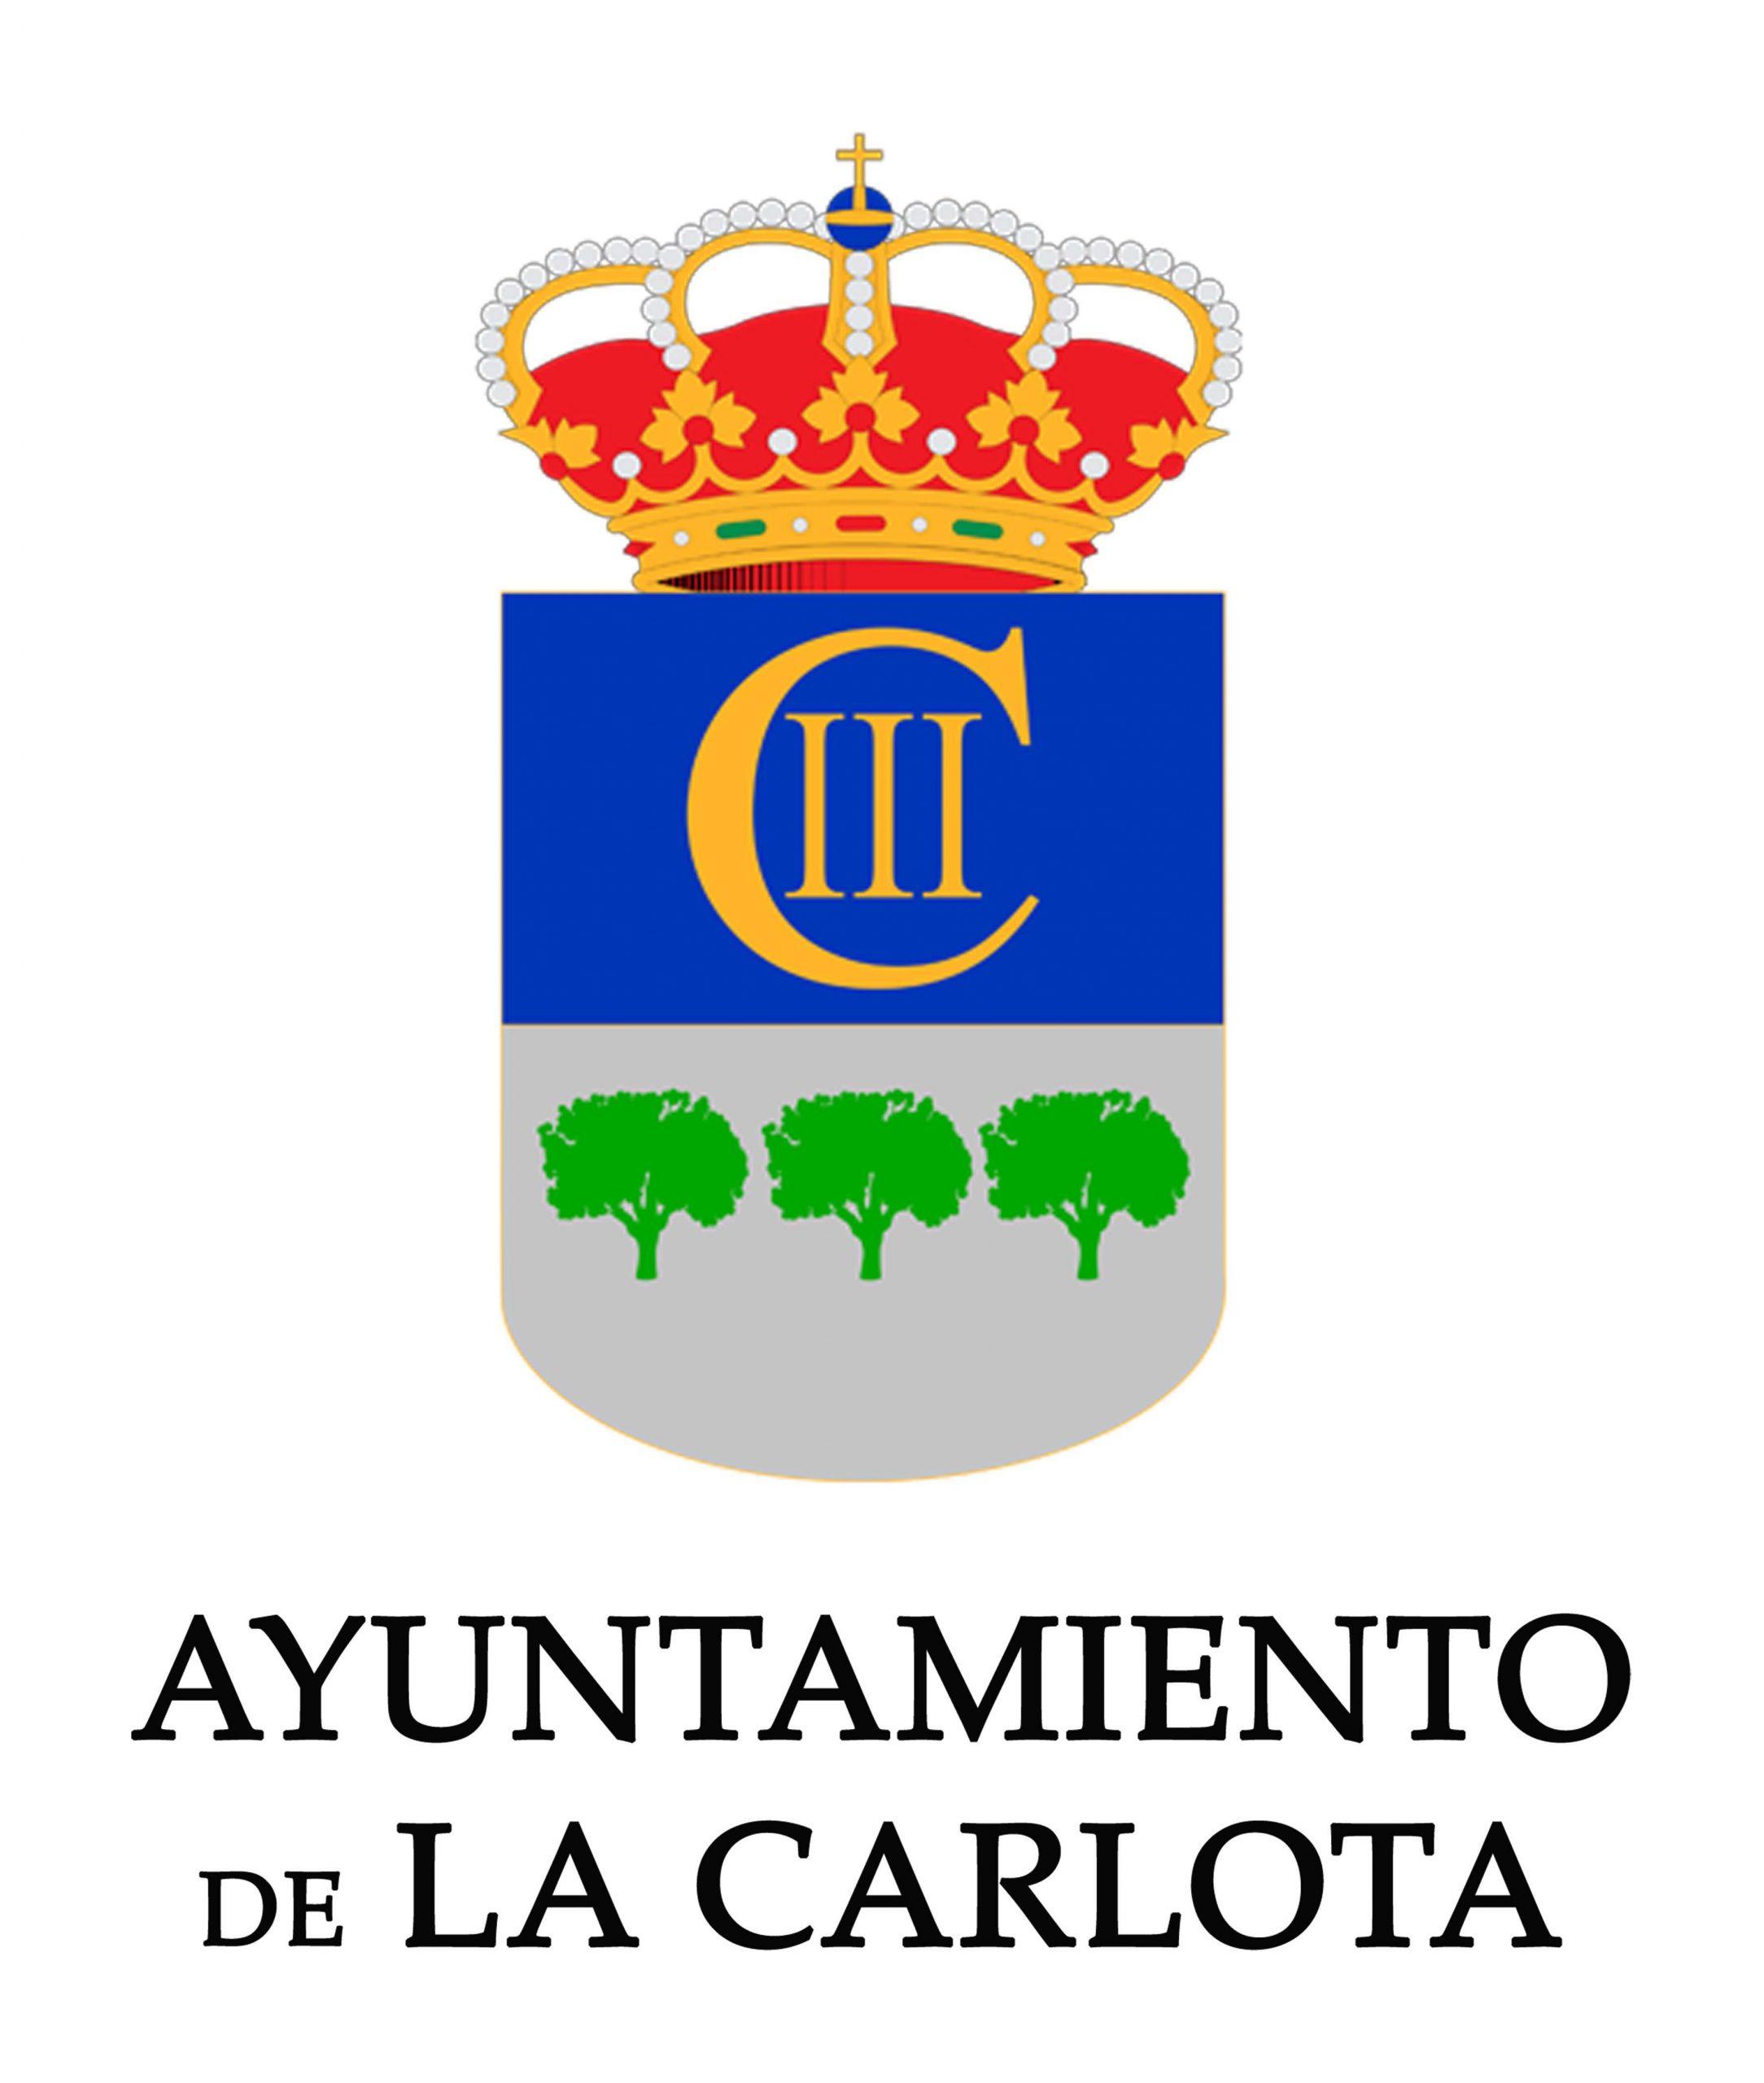 LA CARLOTA REGISTRA CINCO NUEVOS POSITIVOS DE COVID-19 1